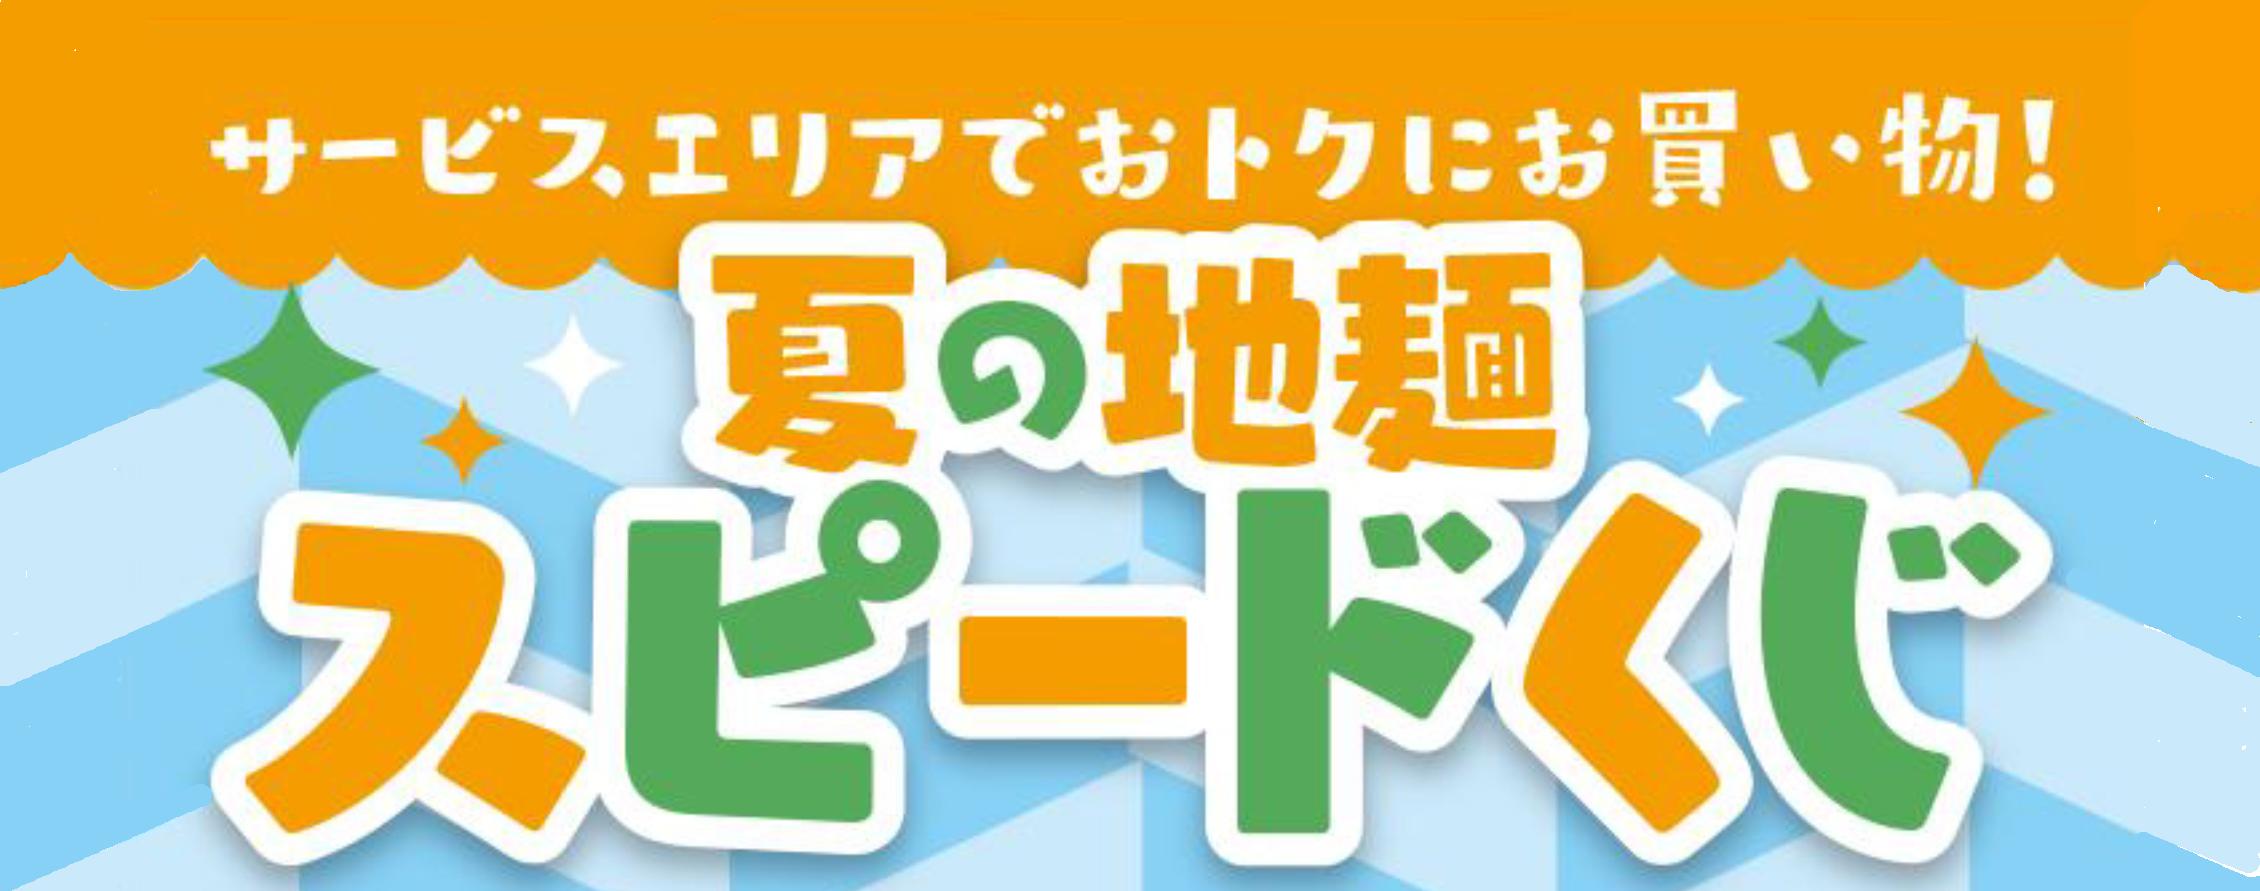 夏の地麺スピードくじキャンペーン開催!【8/6~8/31】